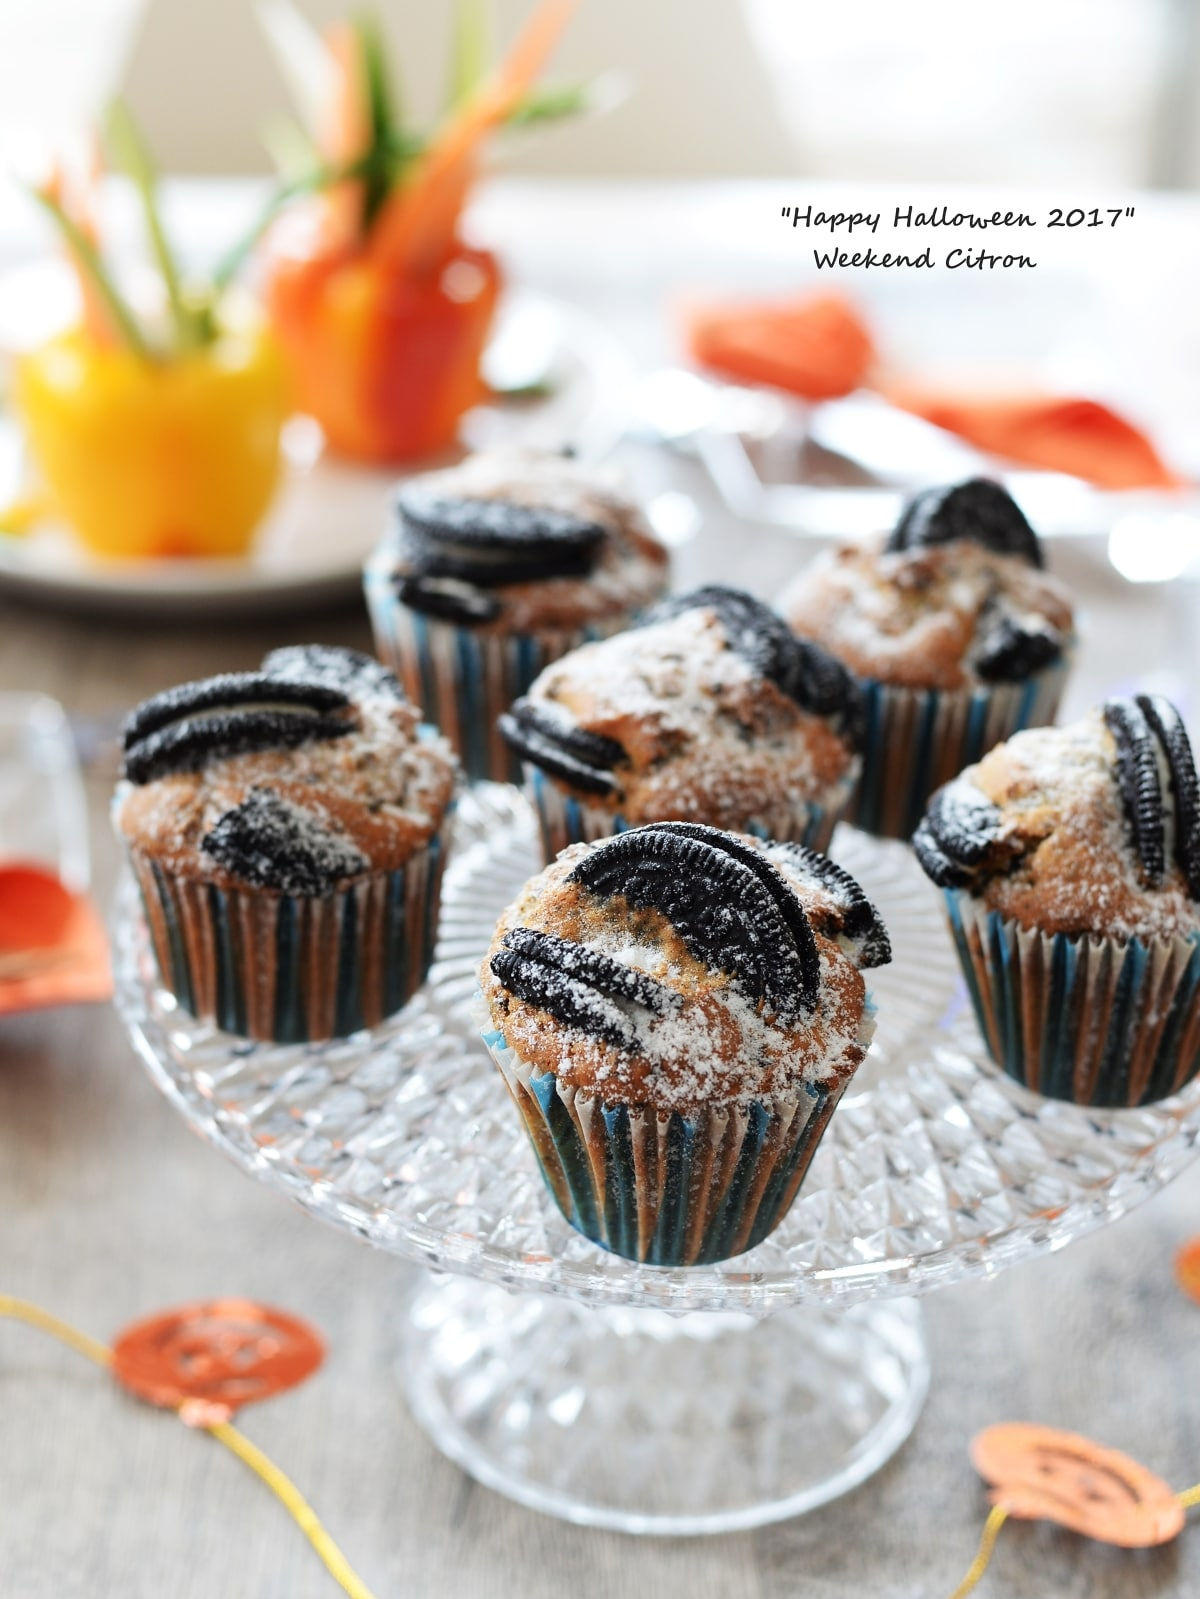 ミックス ケーキ カップ ケーキ ホット